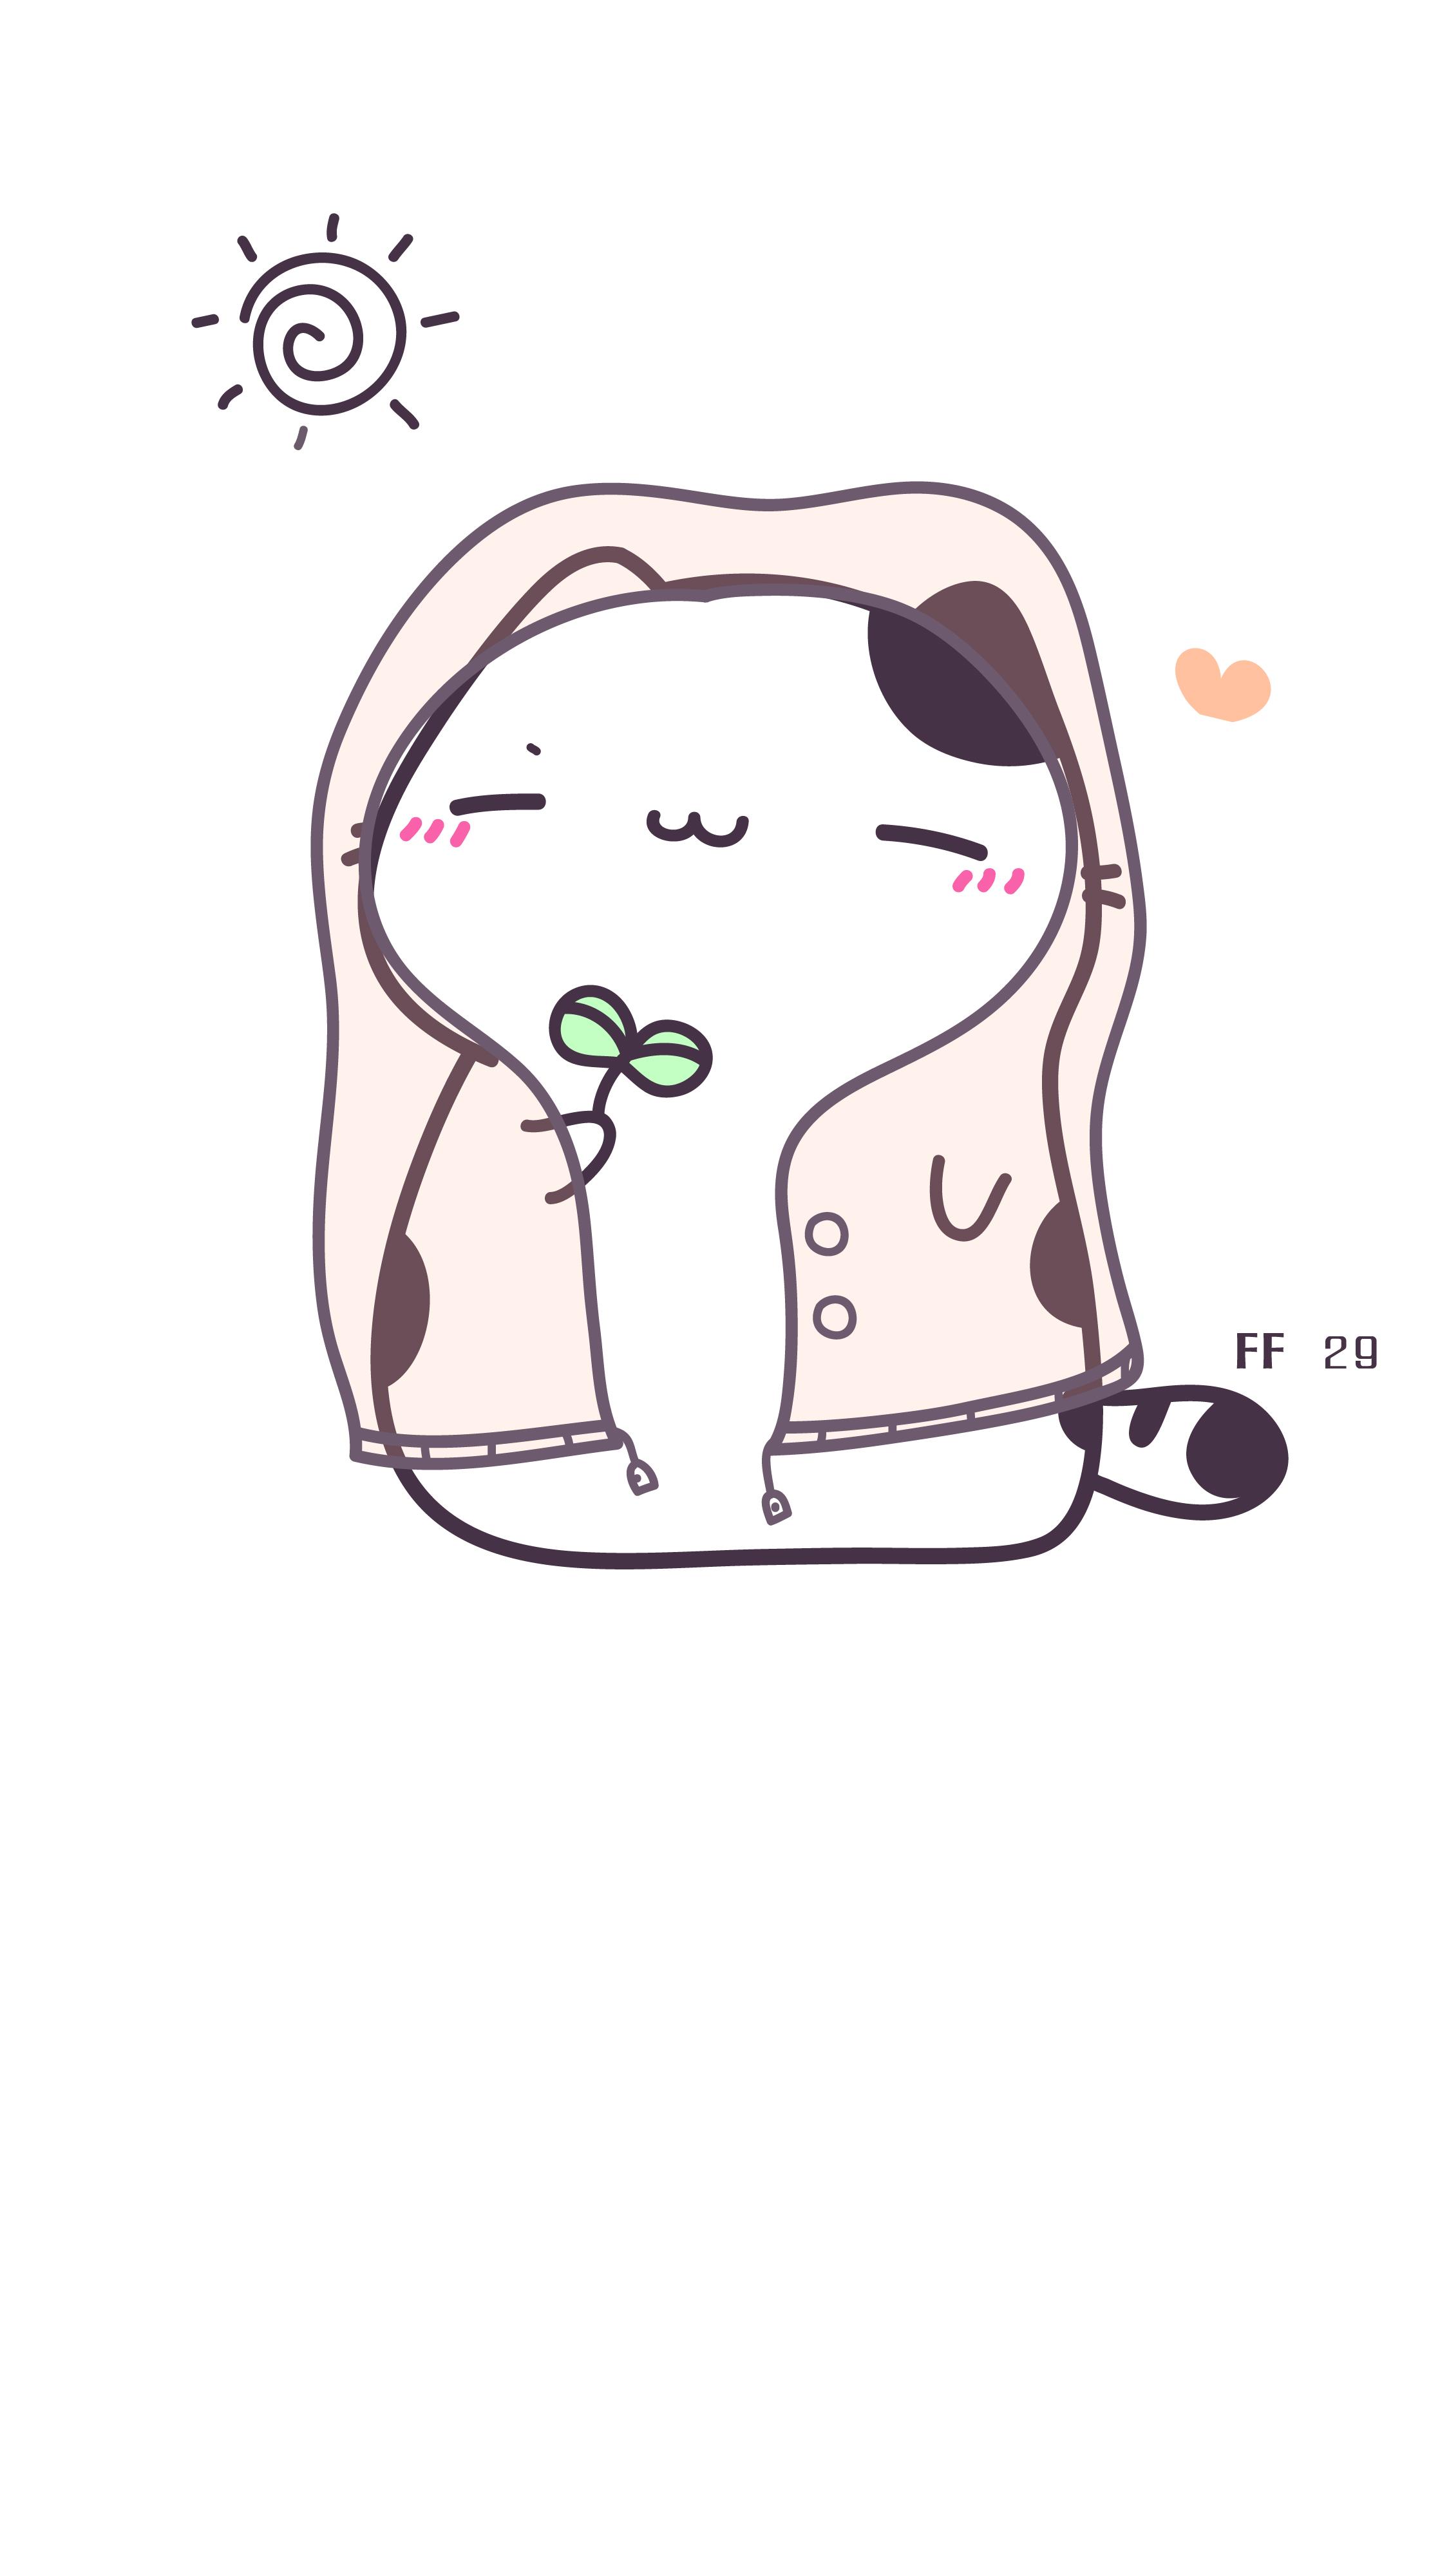 动物简笔画动物简笔画大全,萌萌哒小猫图 简笔画 故事中国